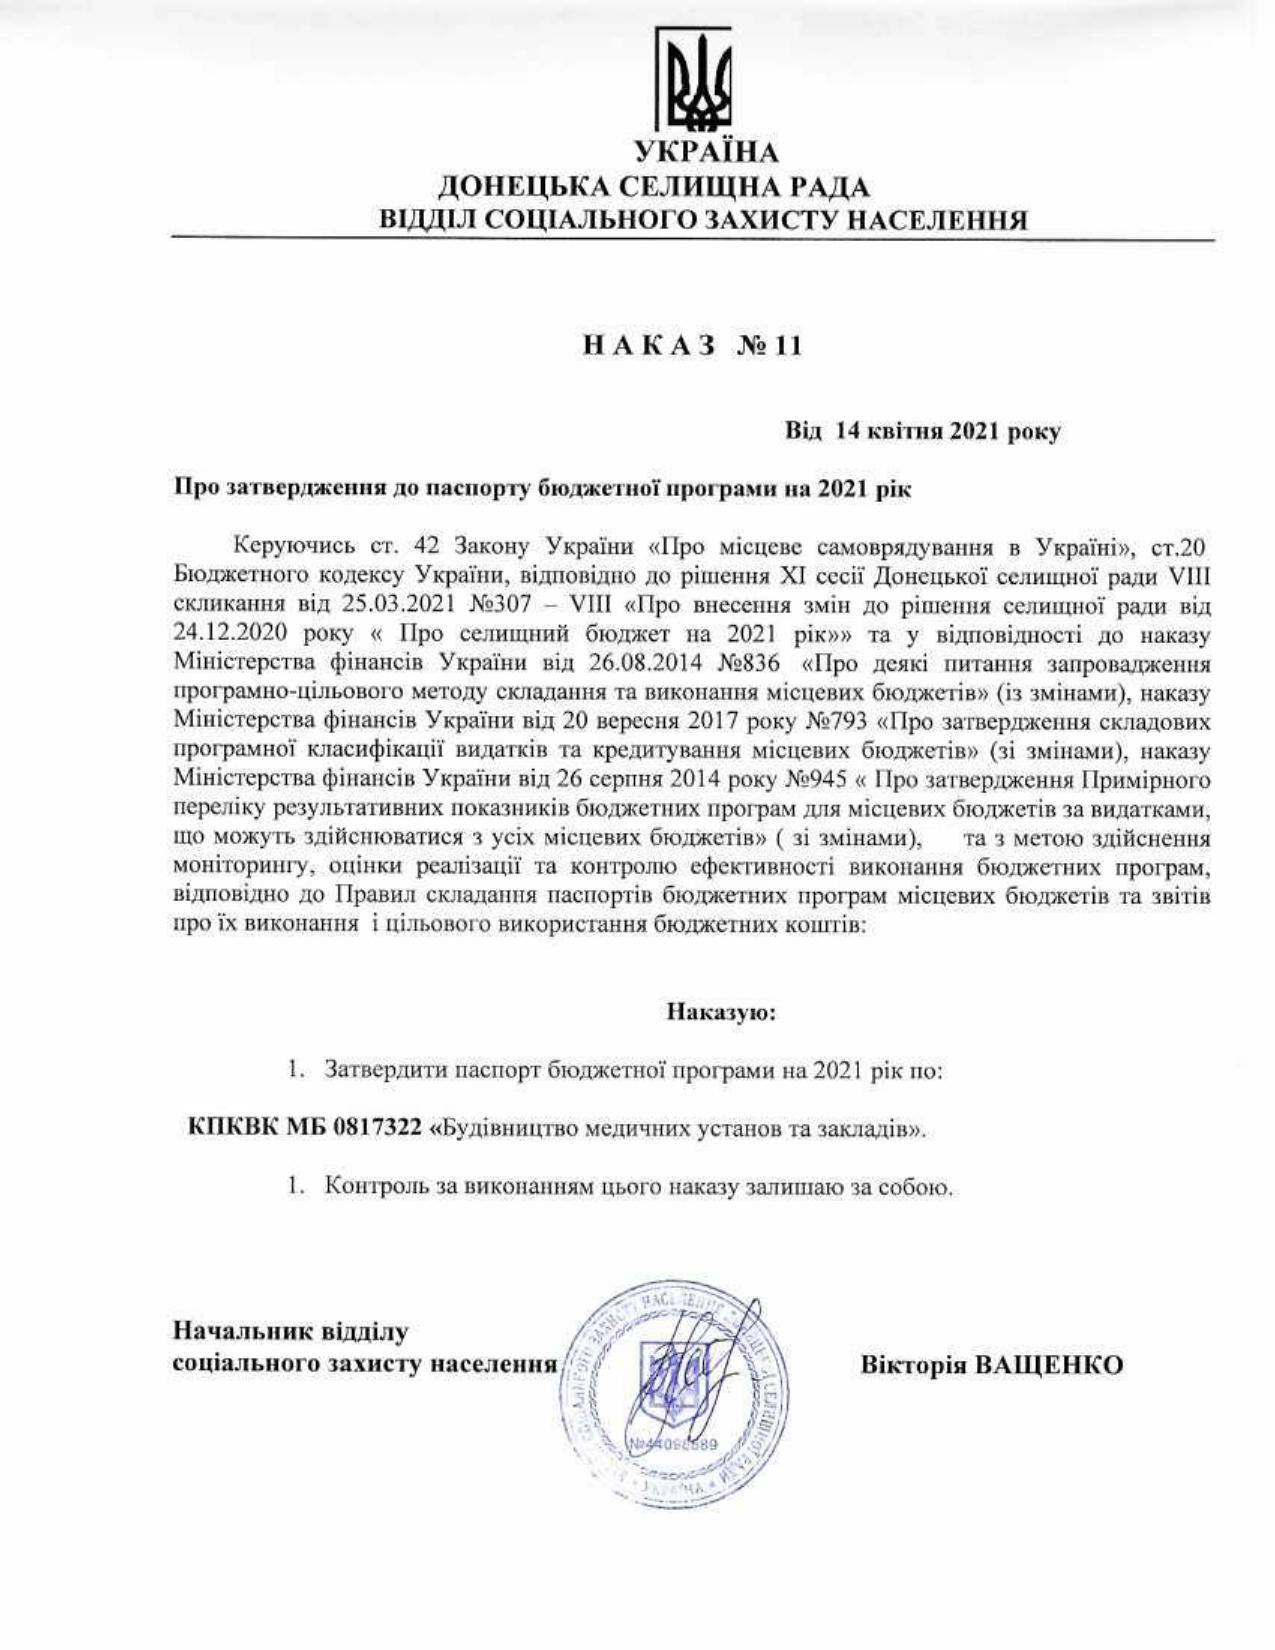 Наказ №11 Про затвердження паспорту бюджетної програми на 2021рік та Паспорт